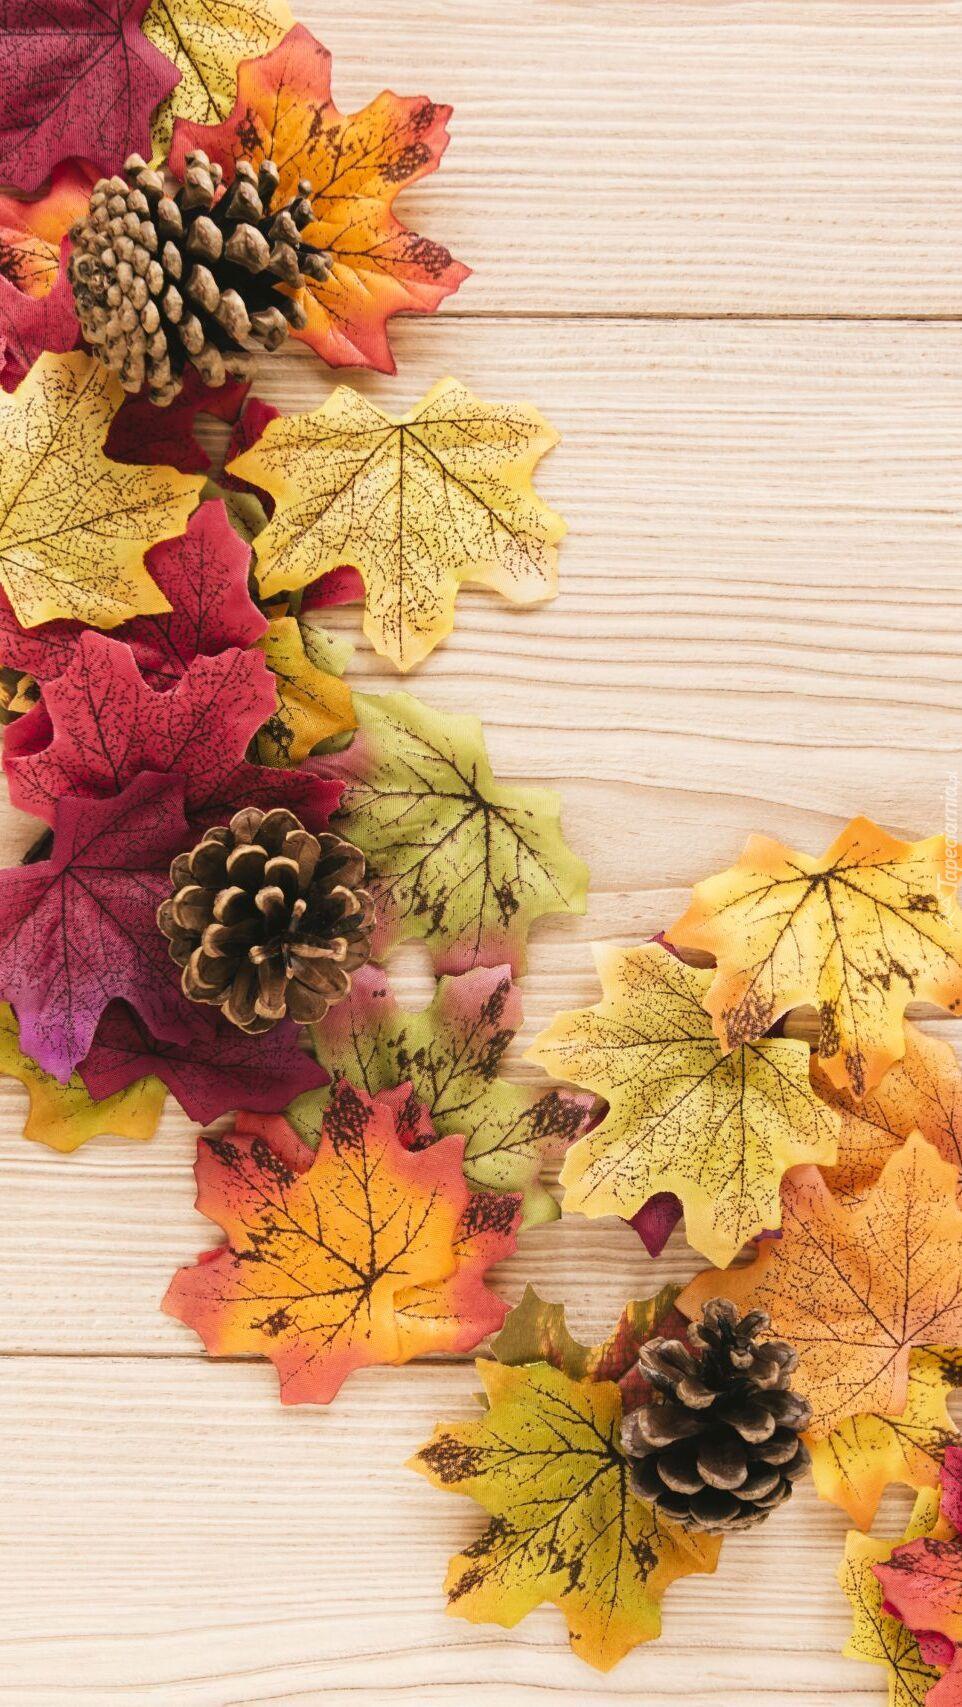 Szyszki na jesiennych liściach